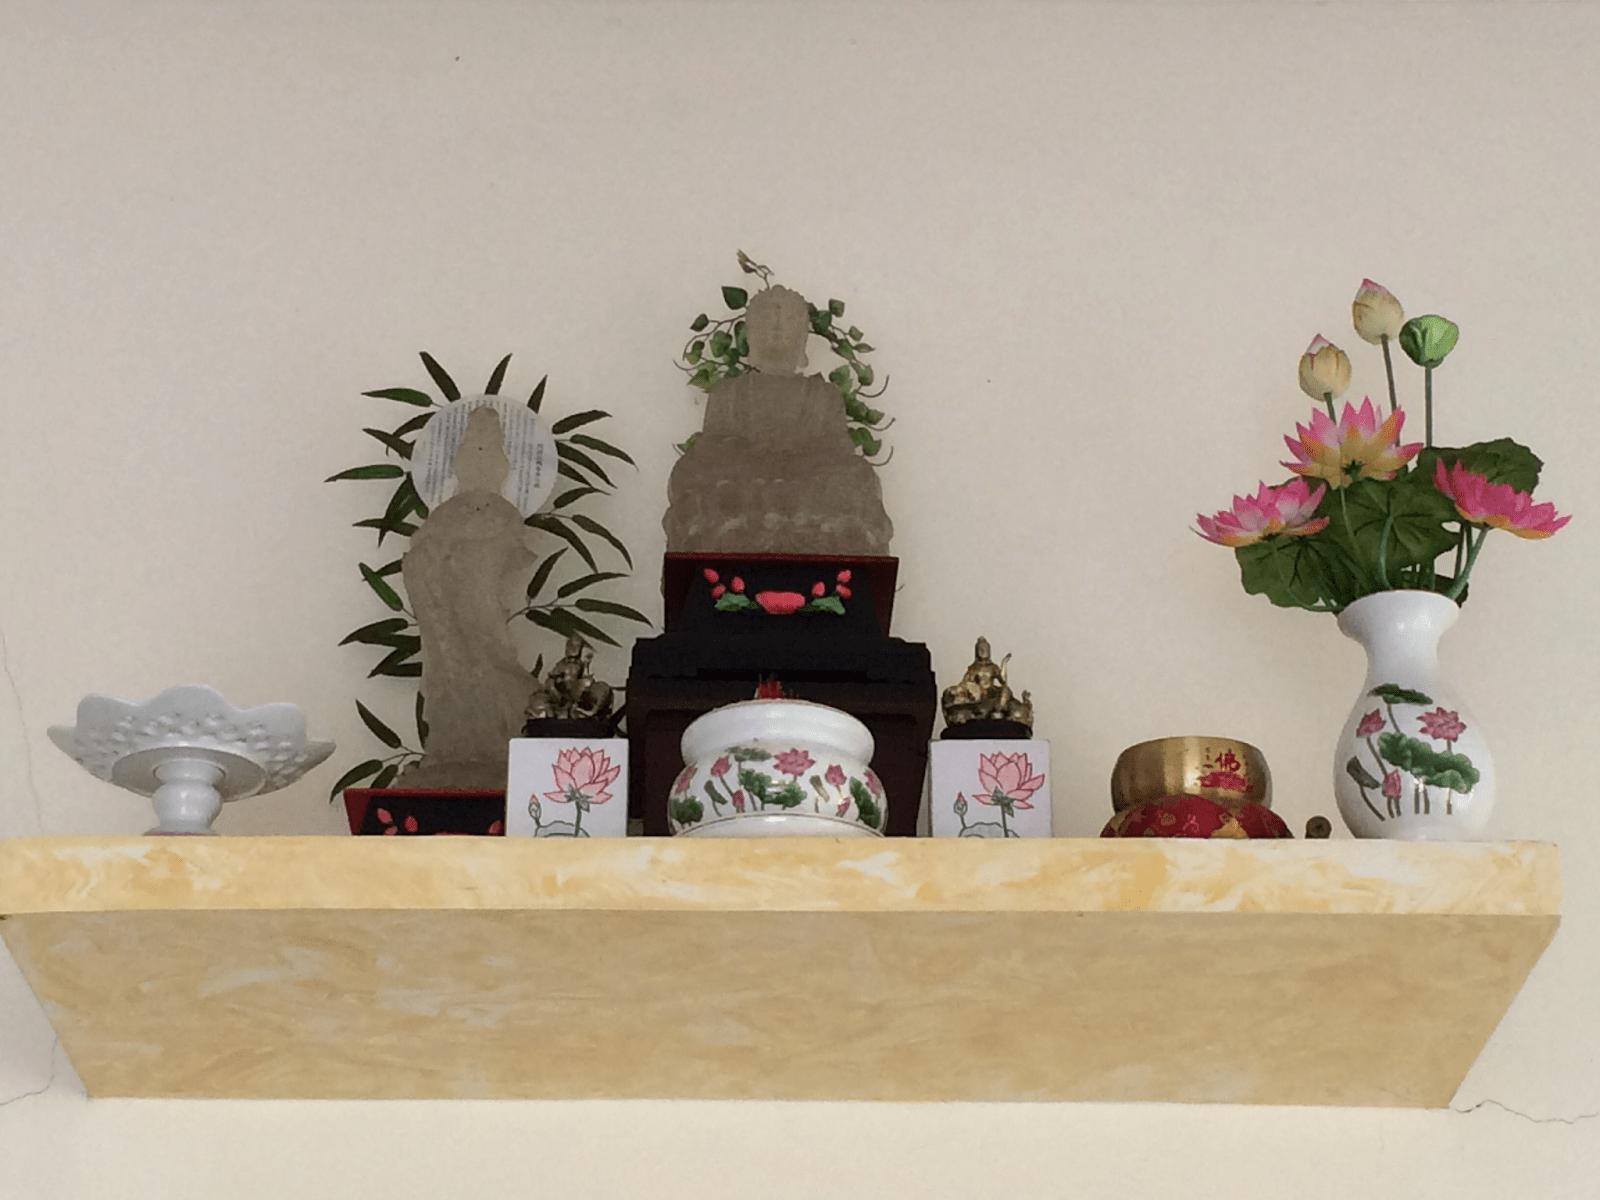 Đặt bàn thờ Phật Bà ở nơi cao ráo, thanh tịnh